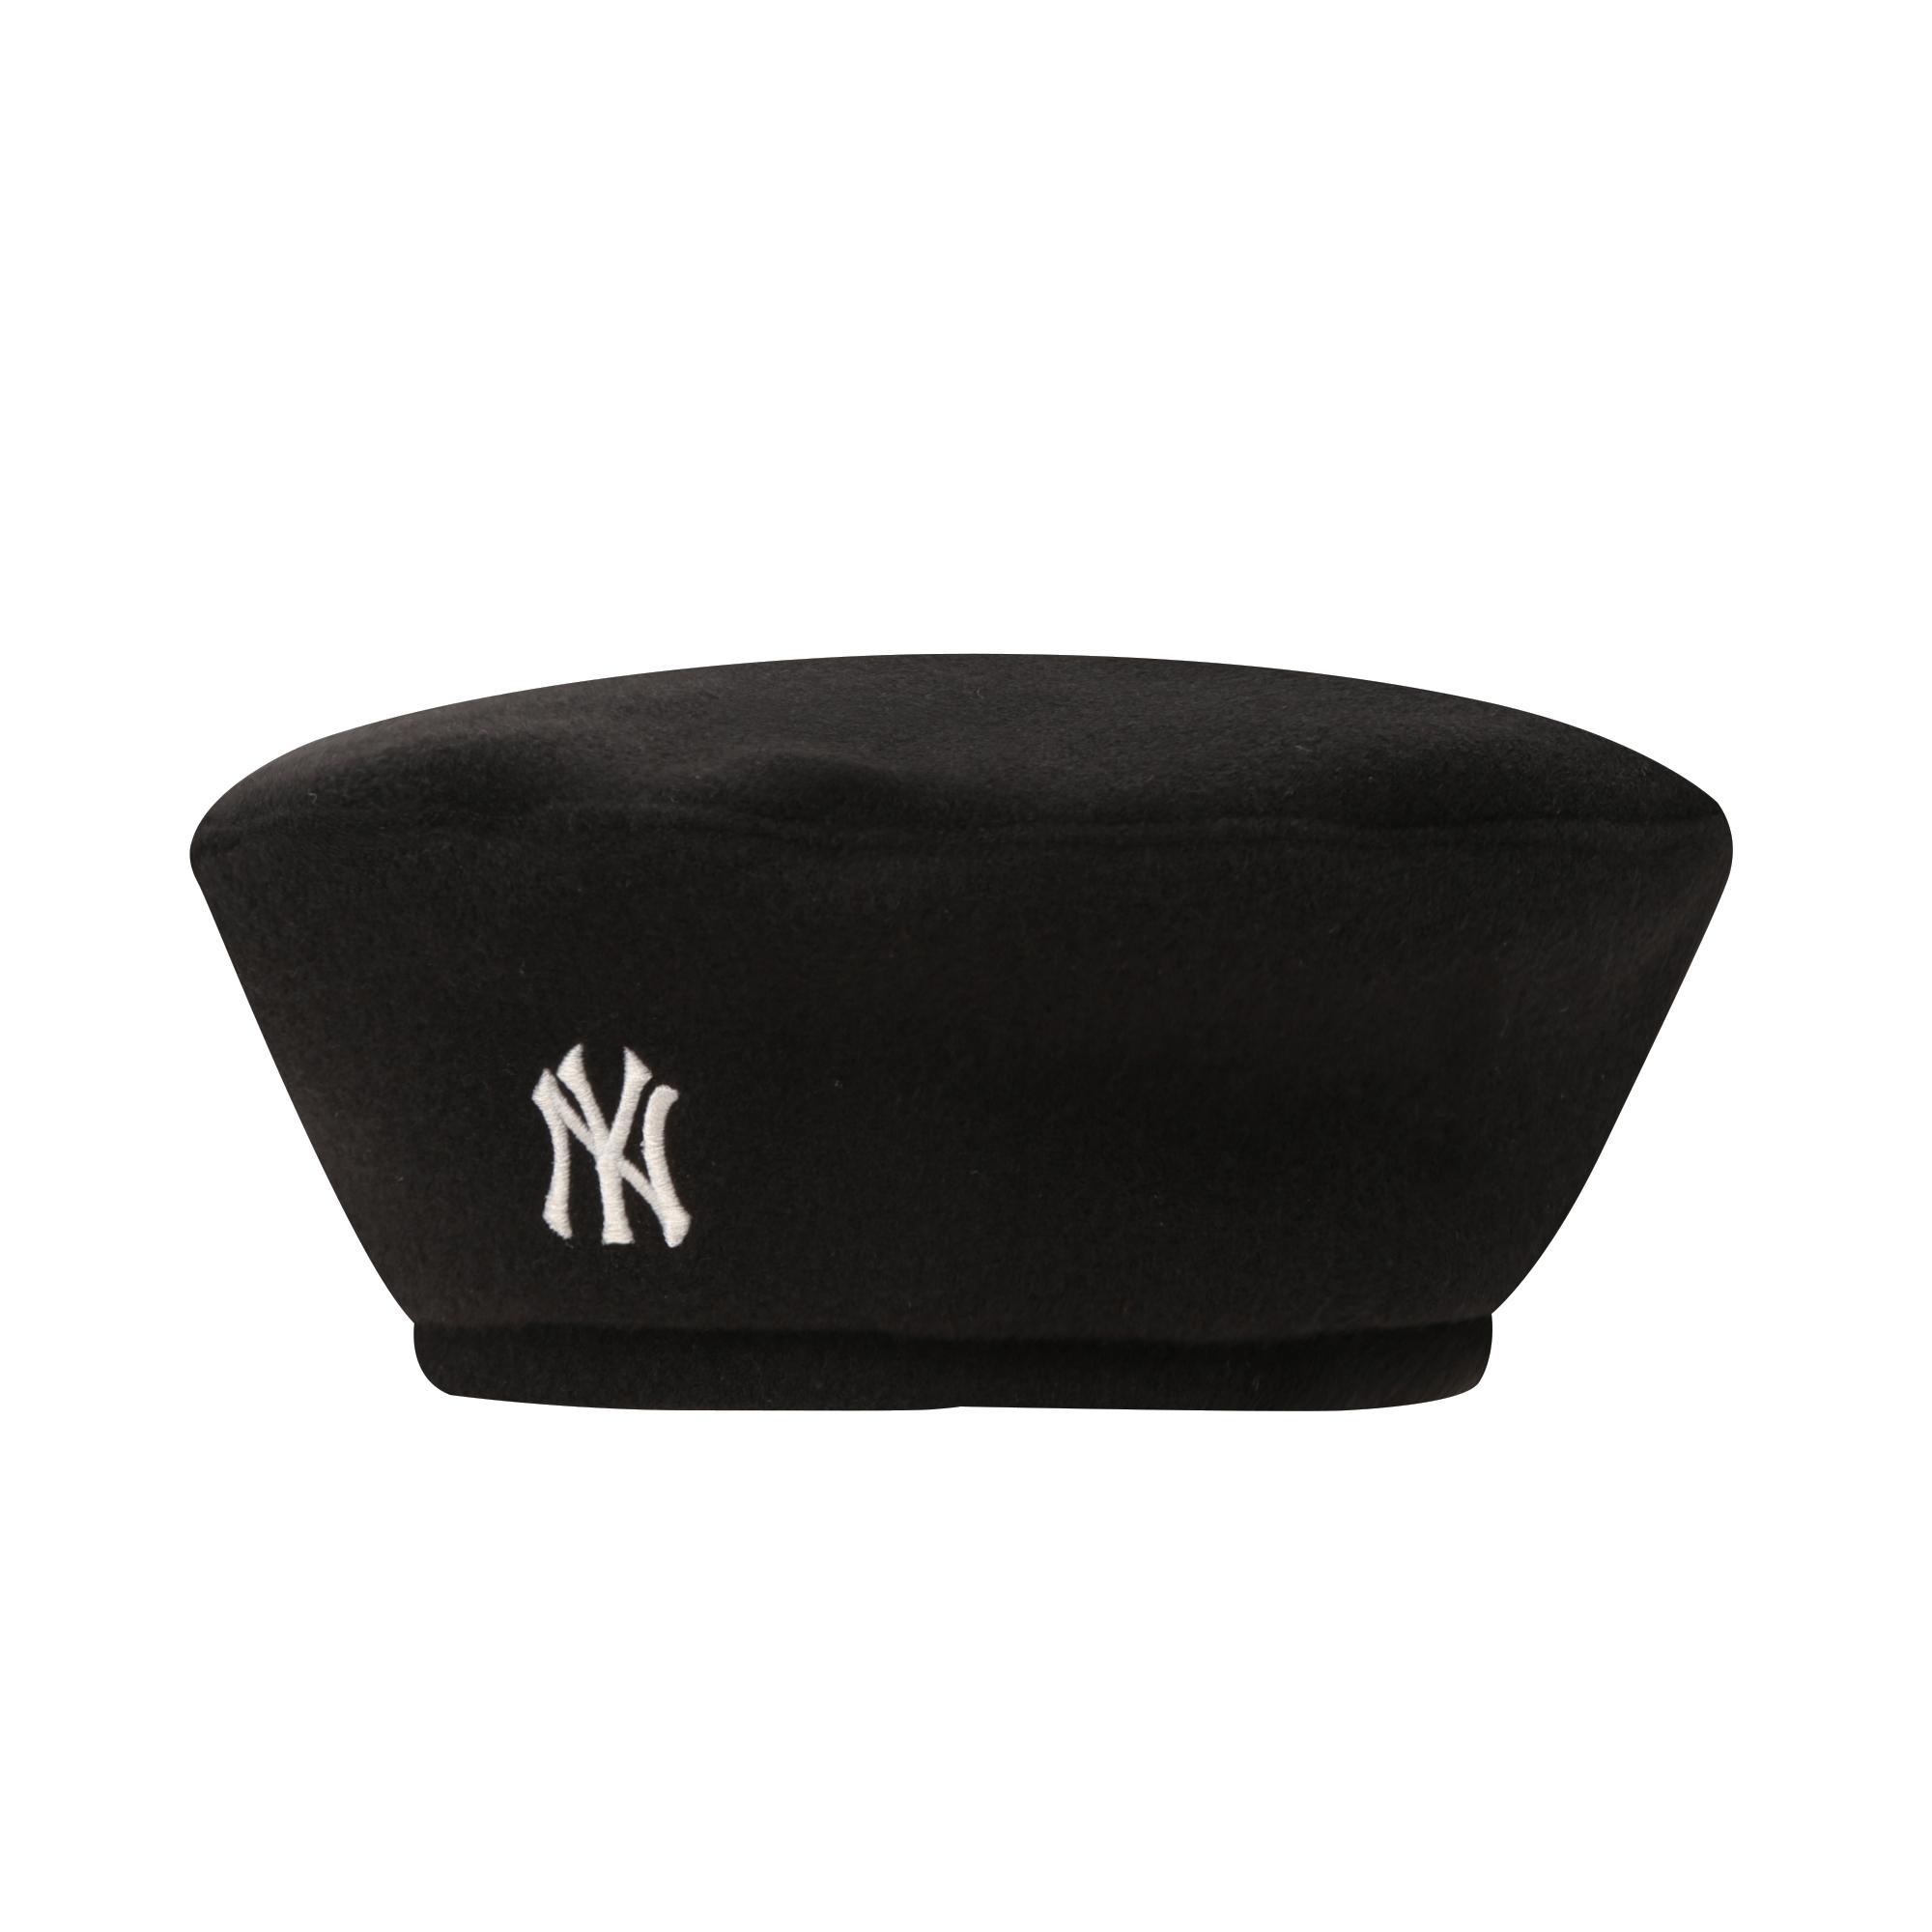 MLB 플렉스 베레모 뉴욕양키스